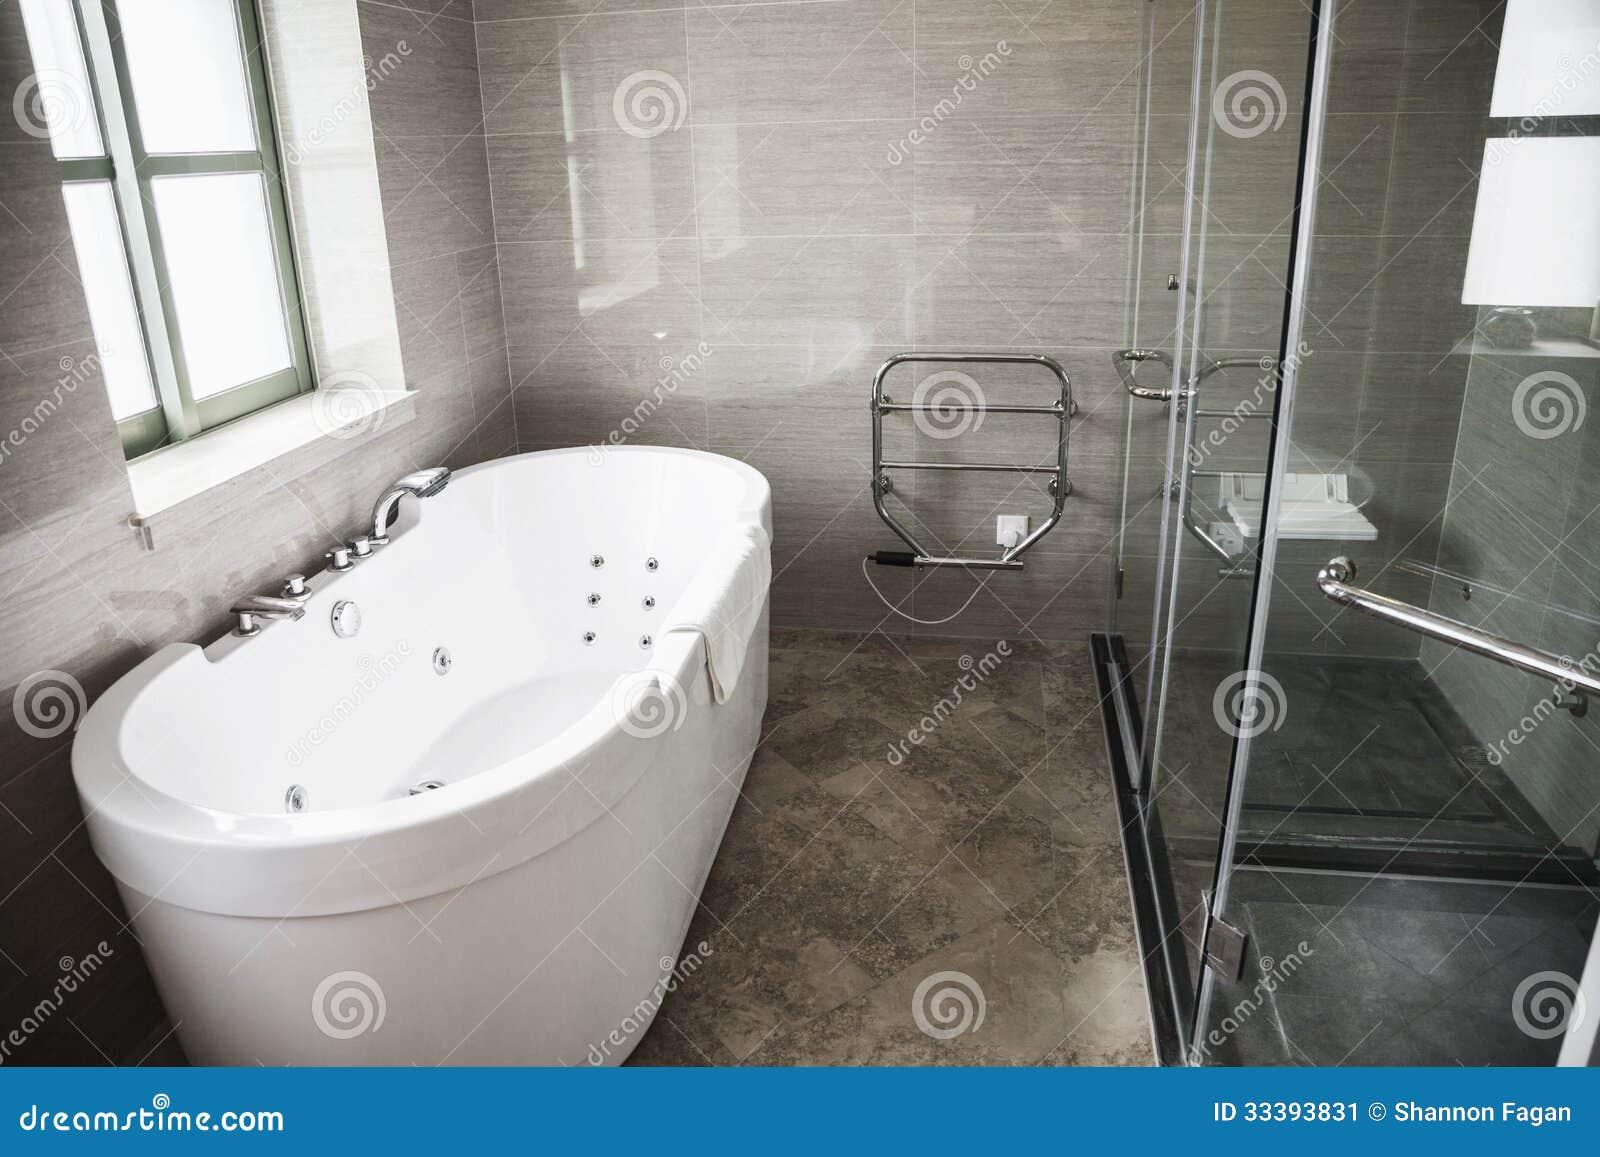 Moderno pulito bagno con la vasca e doccia immagine - Bagno vasca e doccia ...